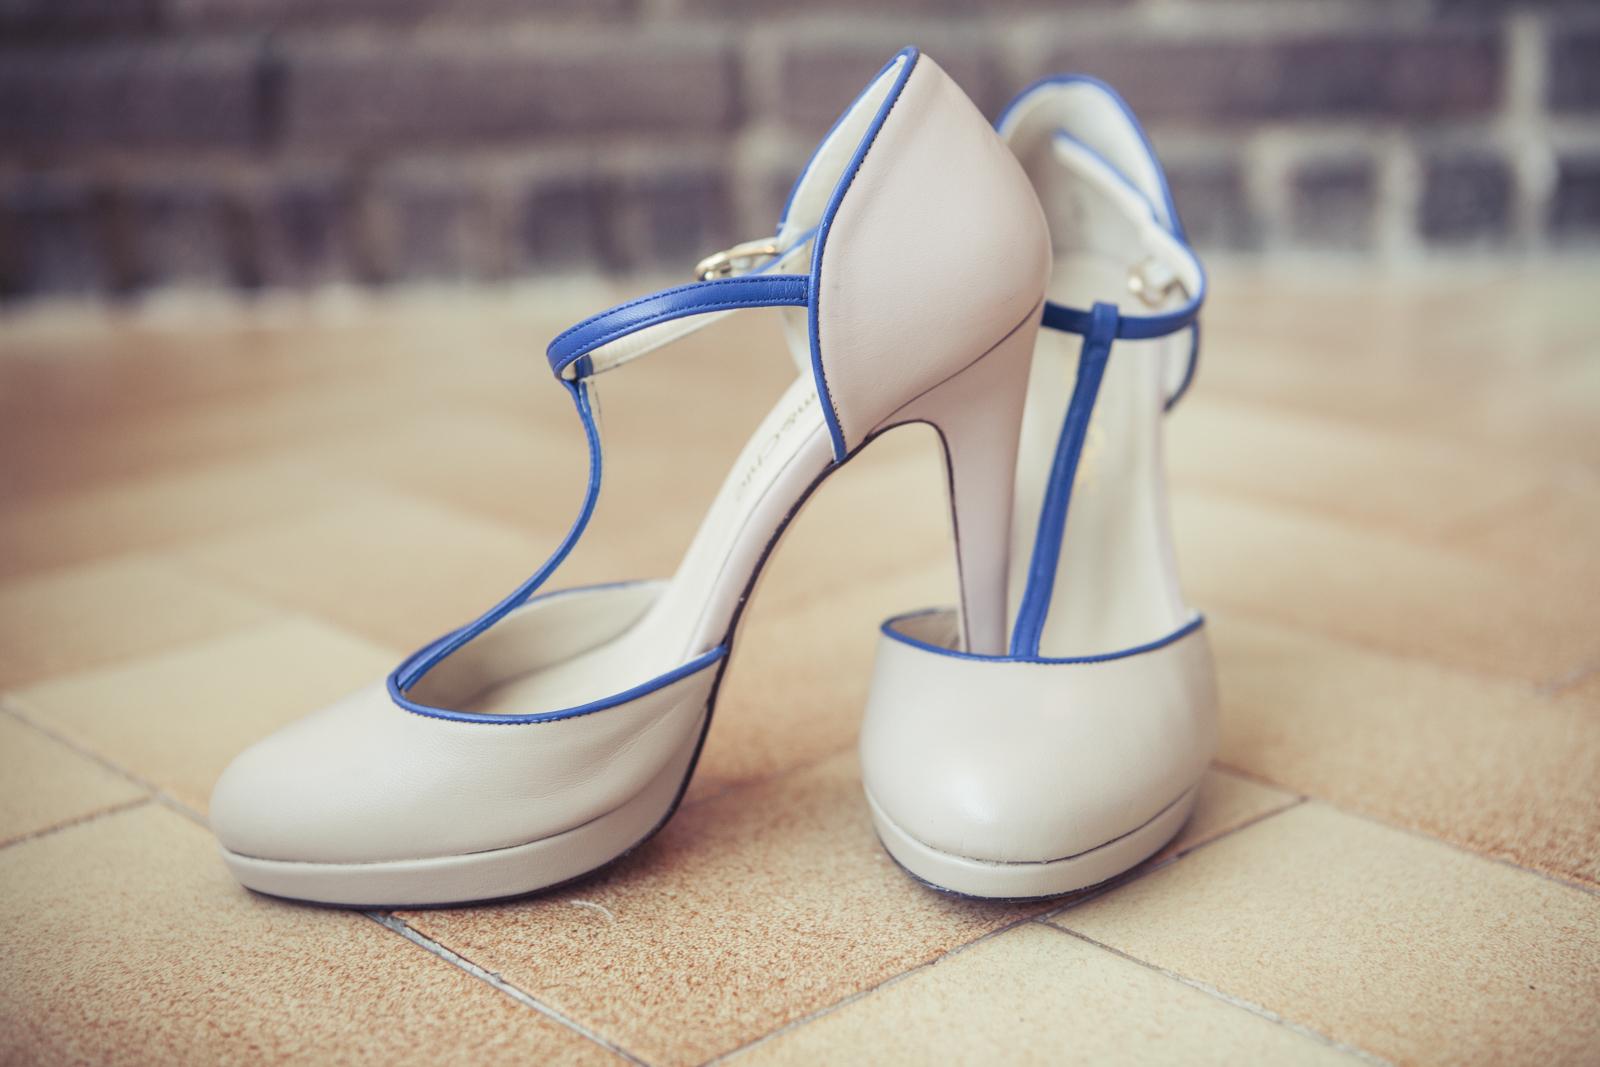 Zapatos de novia con detalles azul